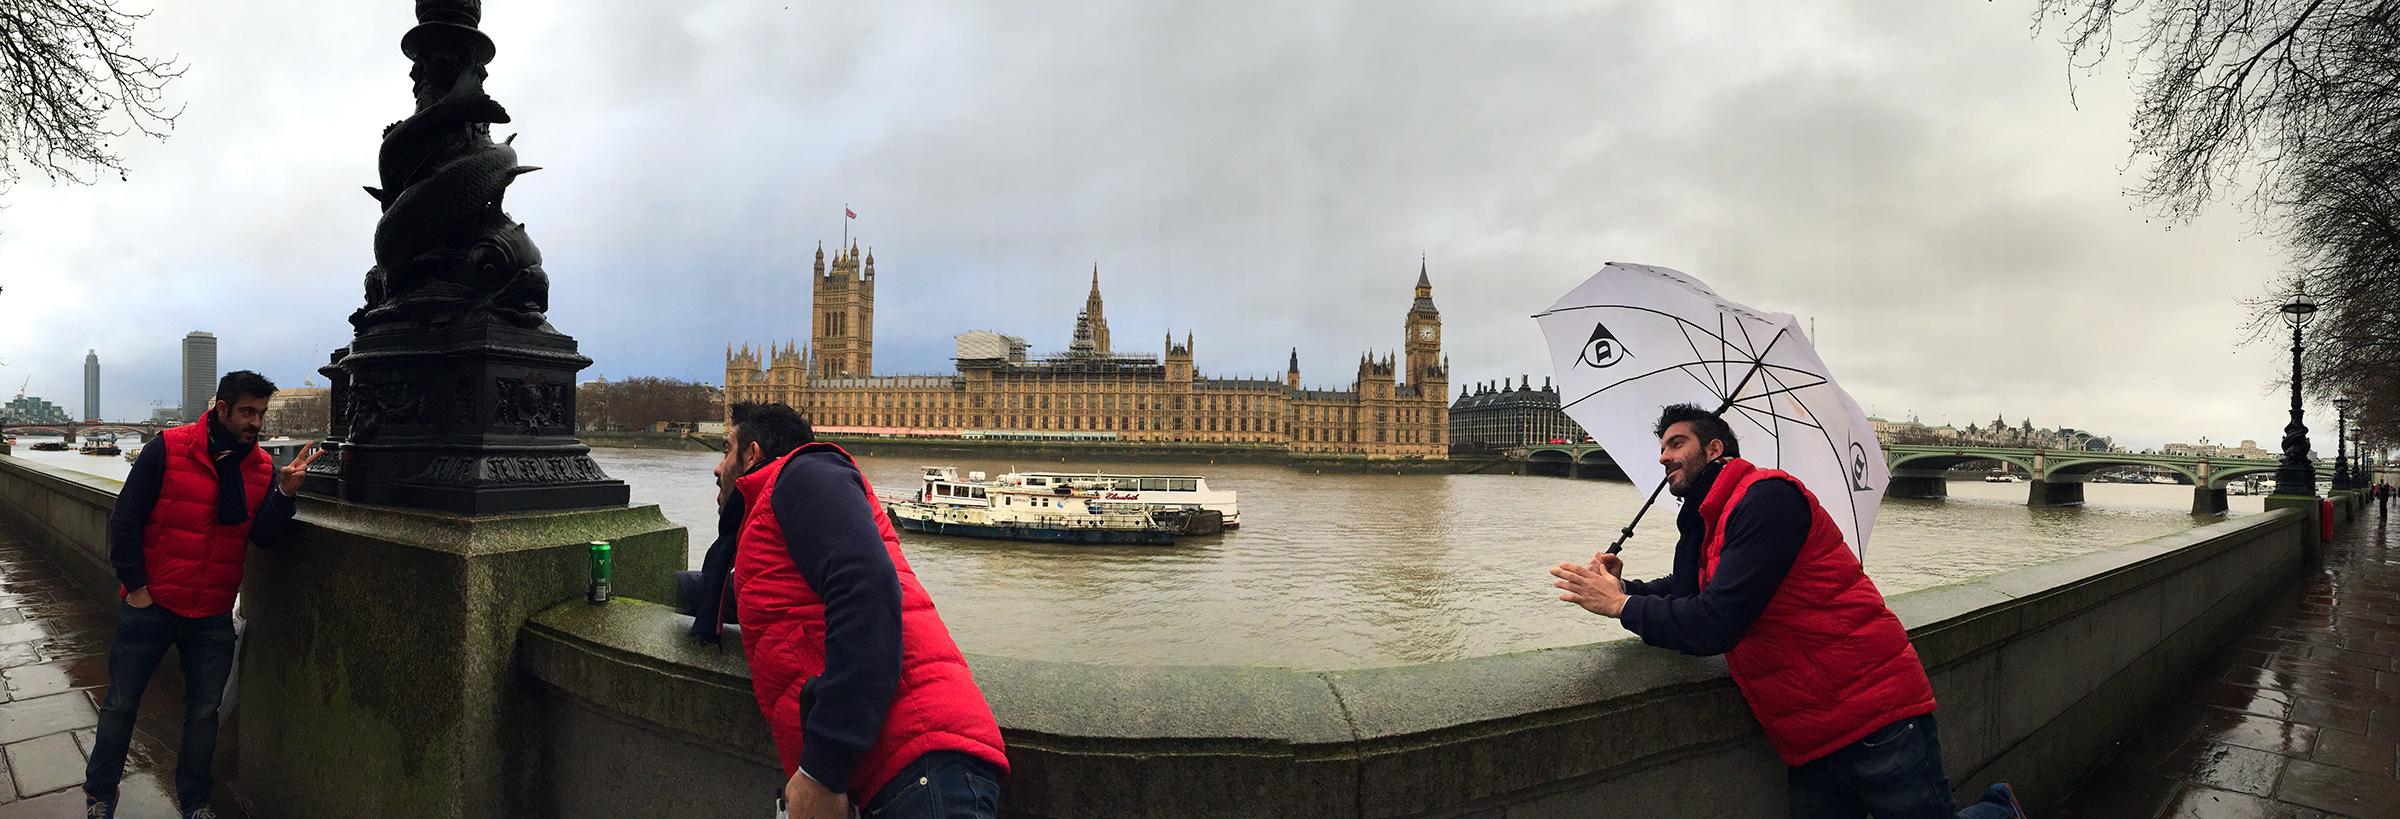 Viajar de París a Londres: Big Ben y Parlamento en Londres viajar de parís a londres - 24217646691 293853f971 o - Viajar de París a Londres en coche y con perro